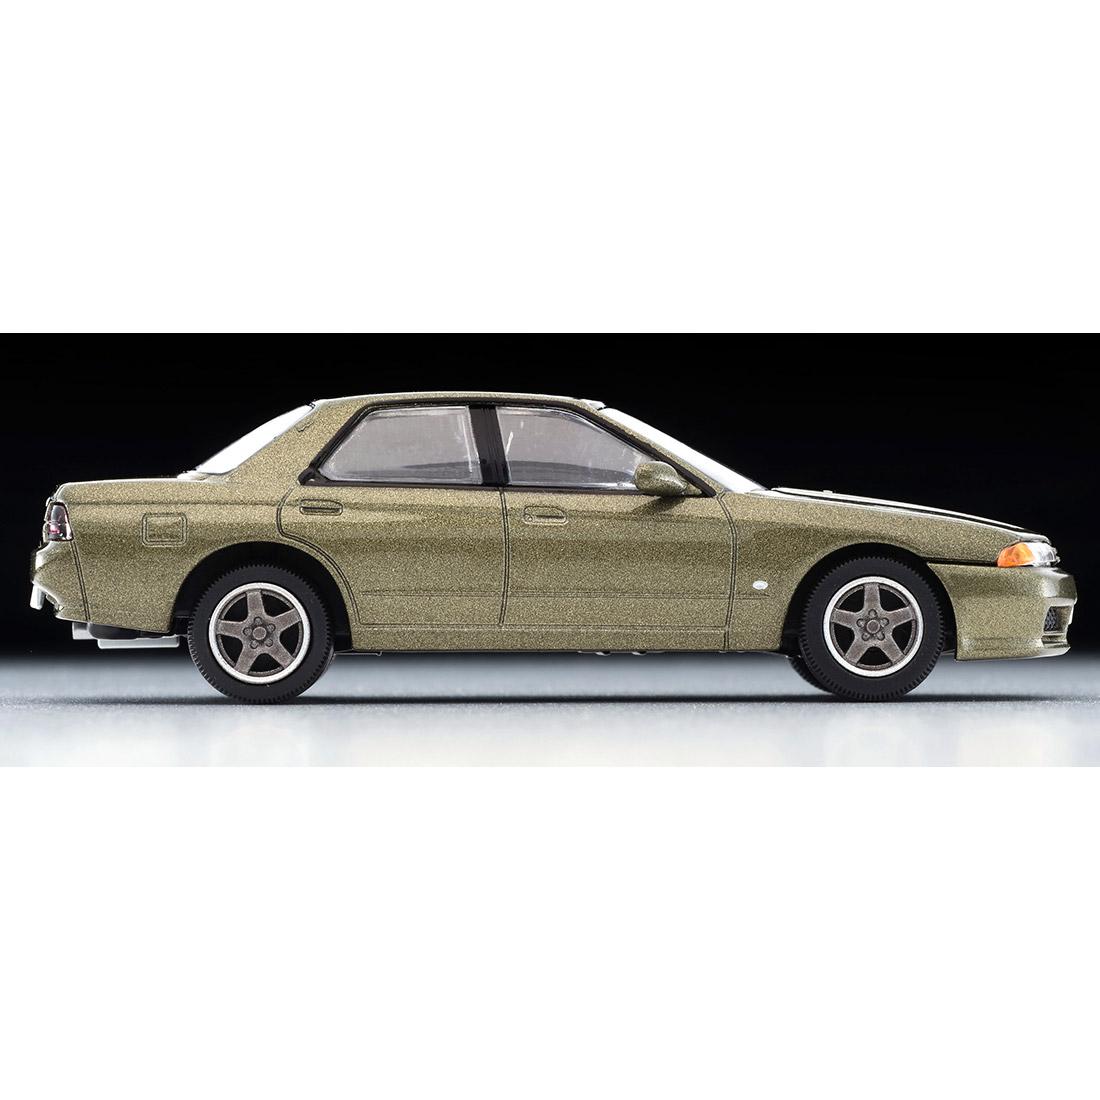 トミカリミテッド ヴィンテージ ネオ TLV-NEO『LV-N213a スカイライン オーテックバージョン』ミニカー-007